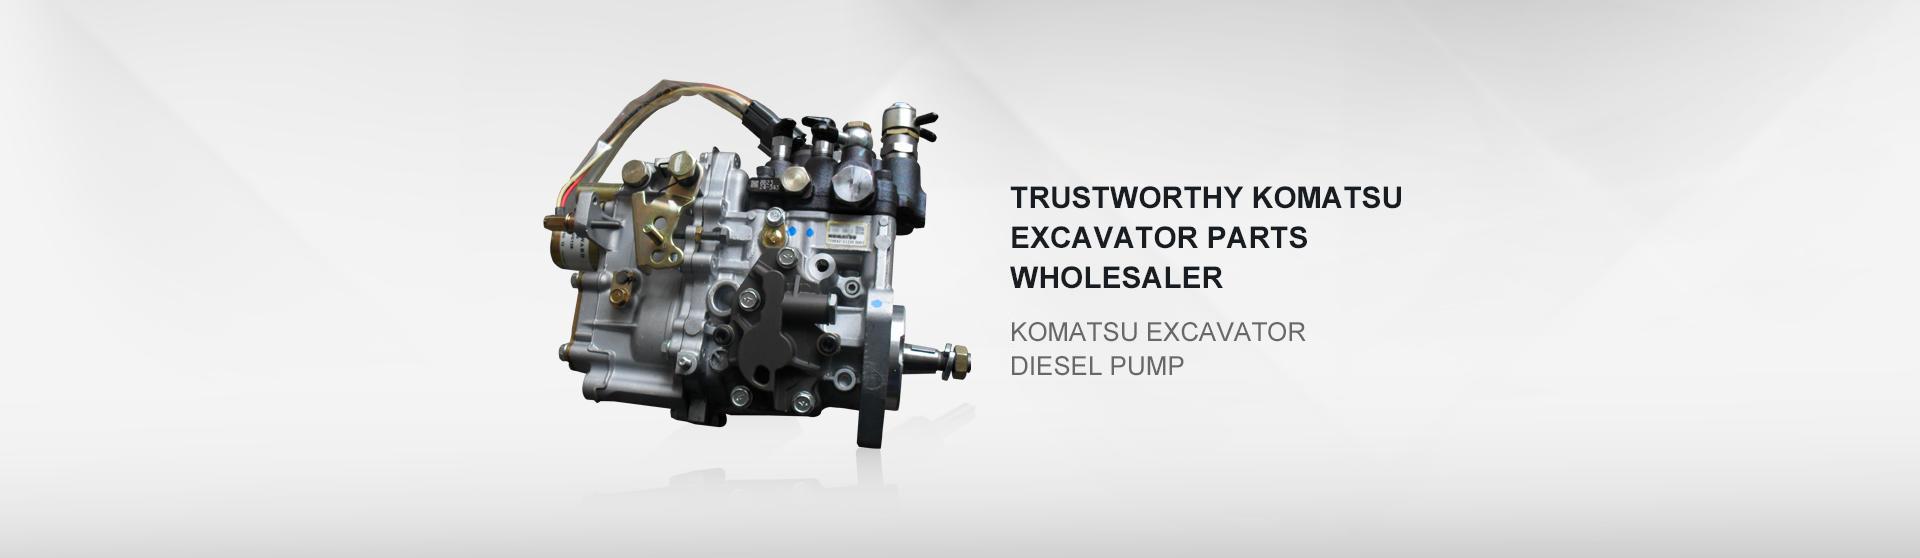 Komatsu excavator diesel pump